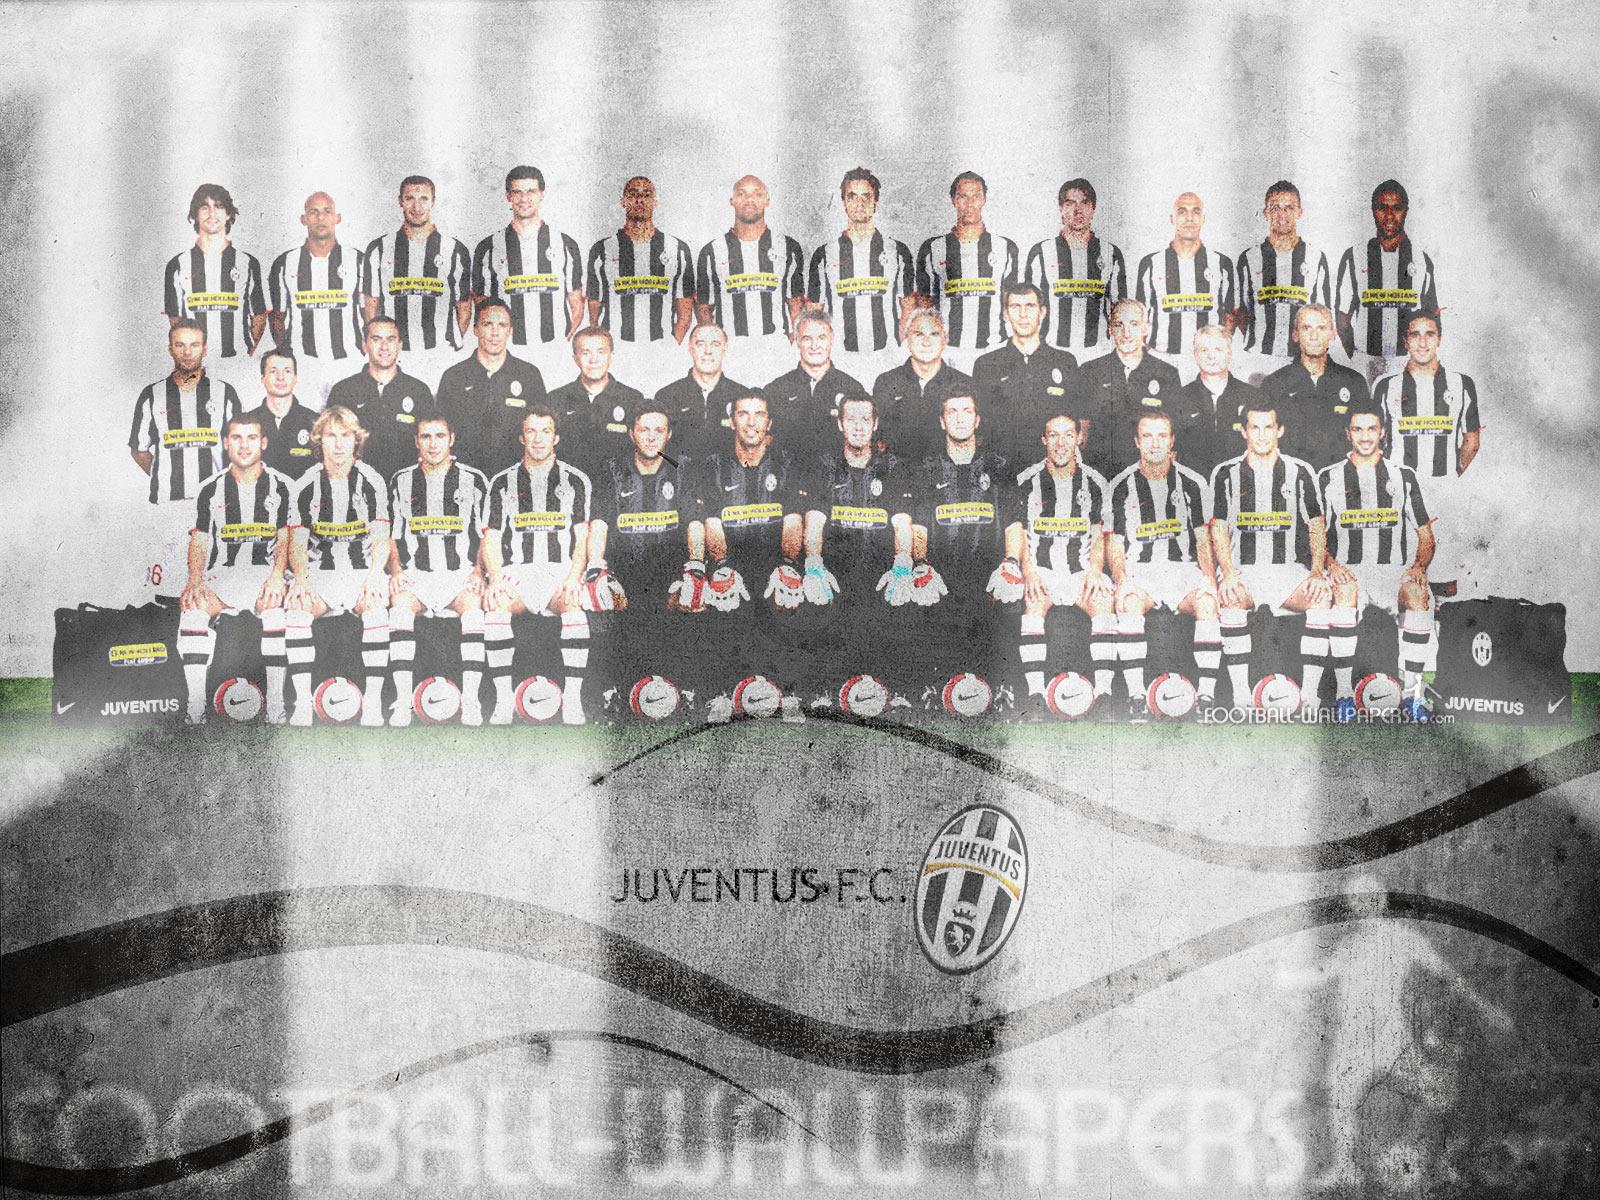 http://2.bp.blogspot.com/-O9bL4LYHipY/Tko1uleLyqI/AAAAAAAAHvI/JmVXRTFXpW4/s1600/Juventus-HD-wallpaper-+8.jpg